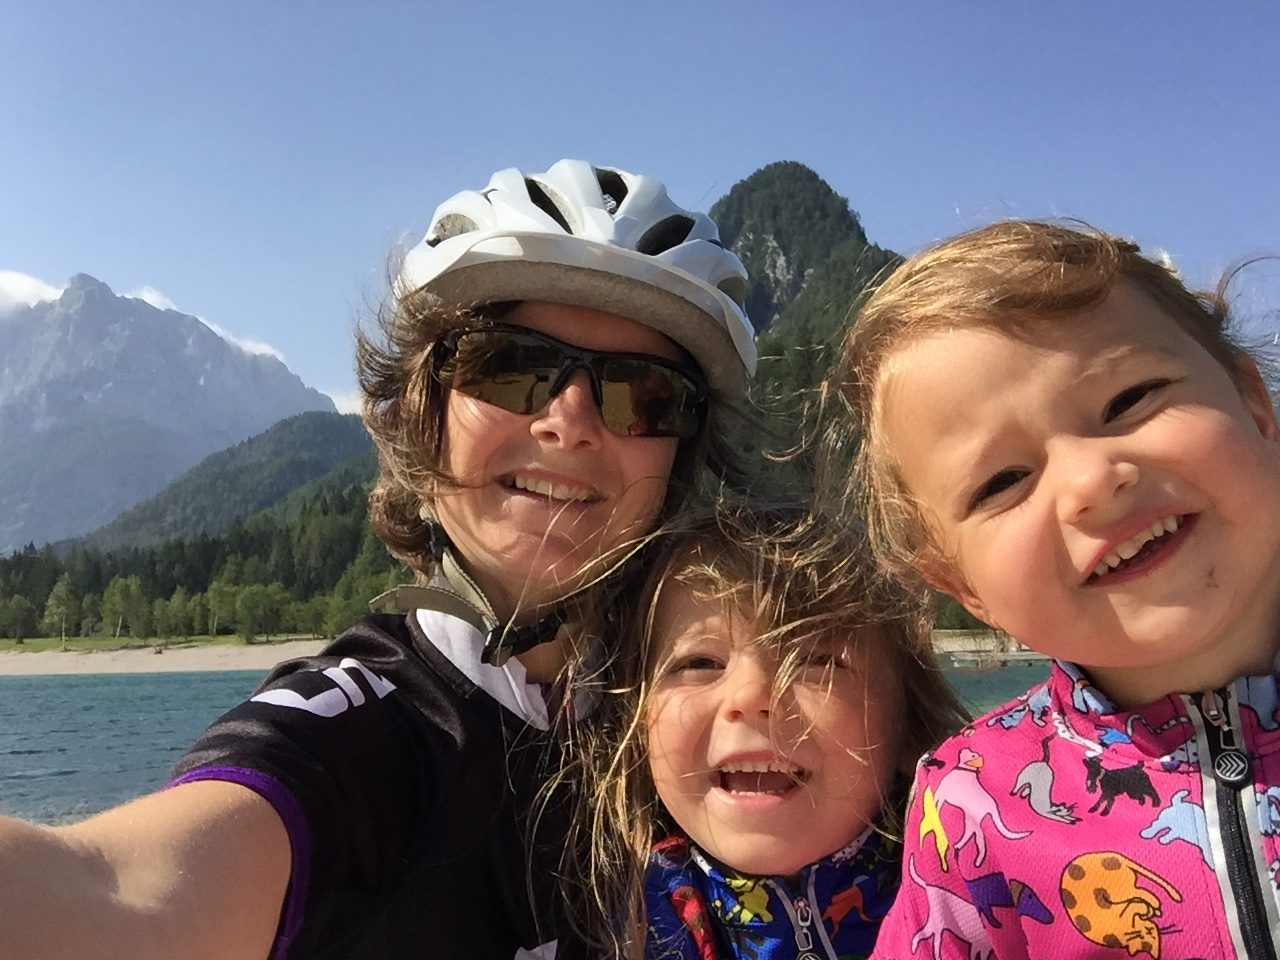 deti, usmiaté deti, deti na výlete, výlet, hory